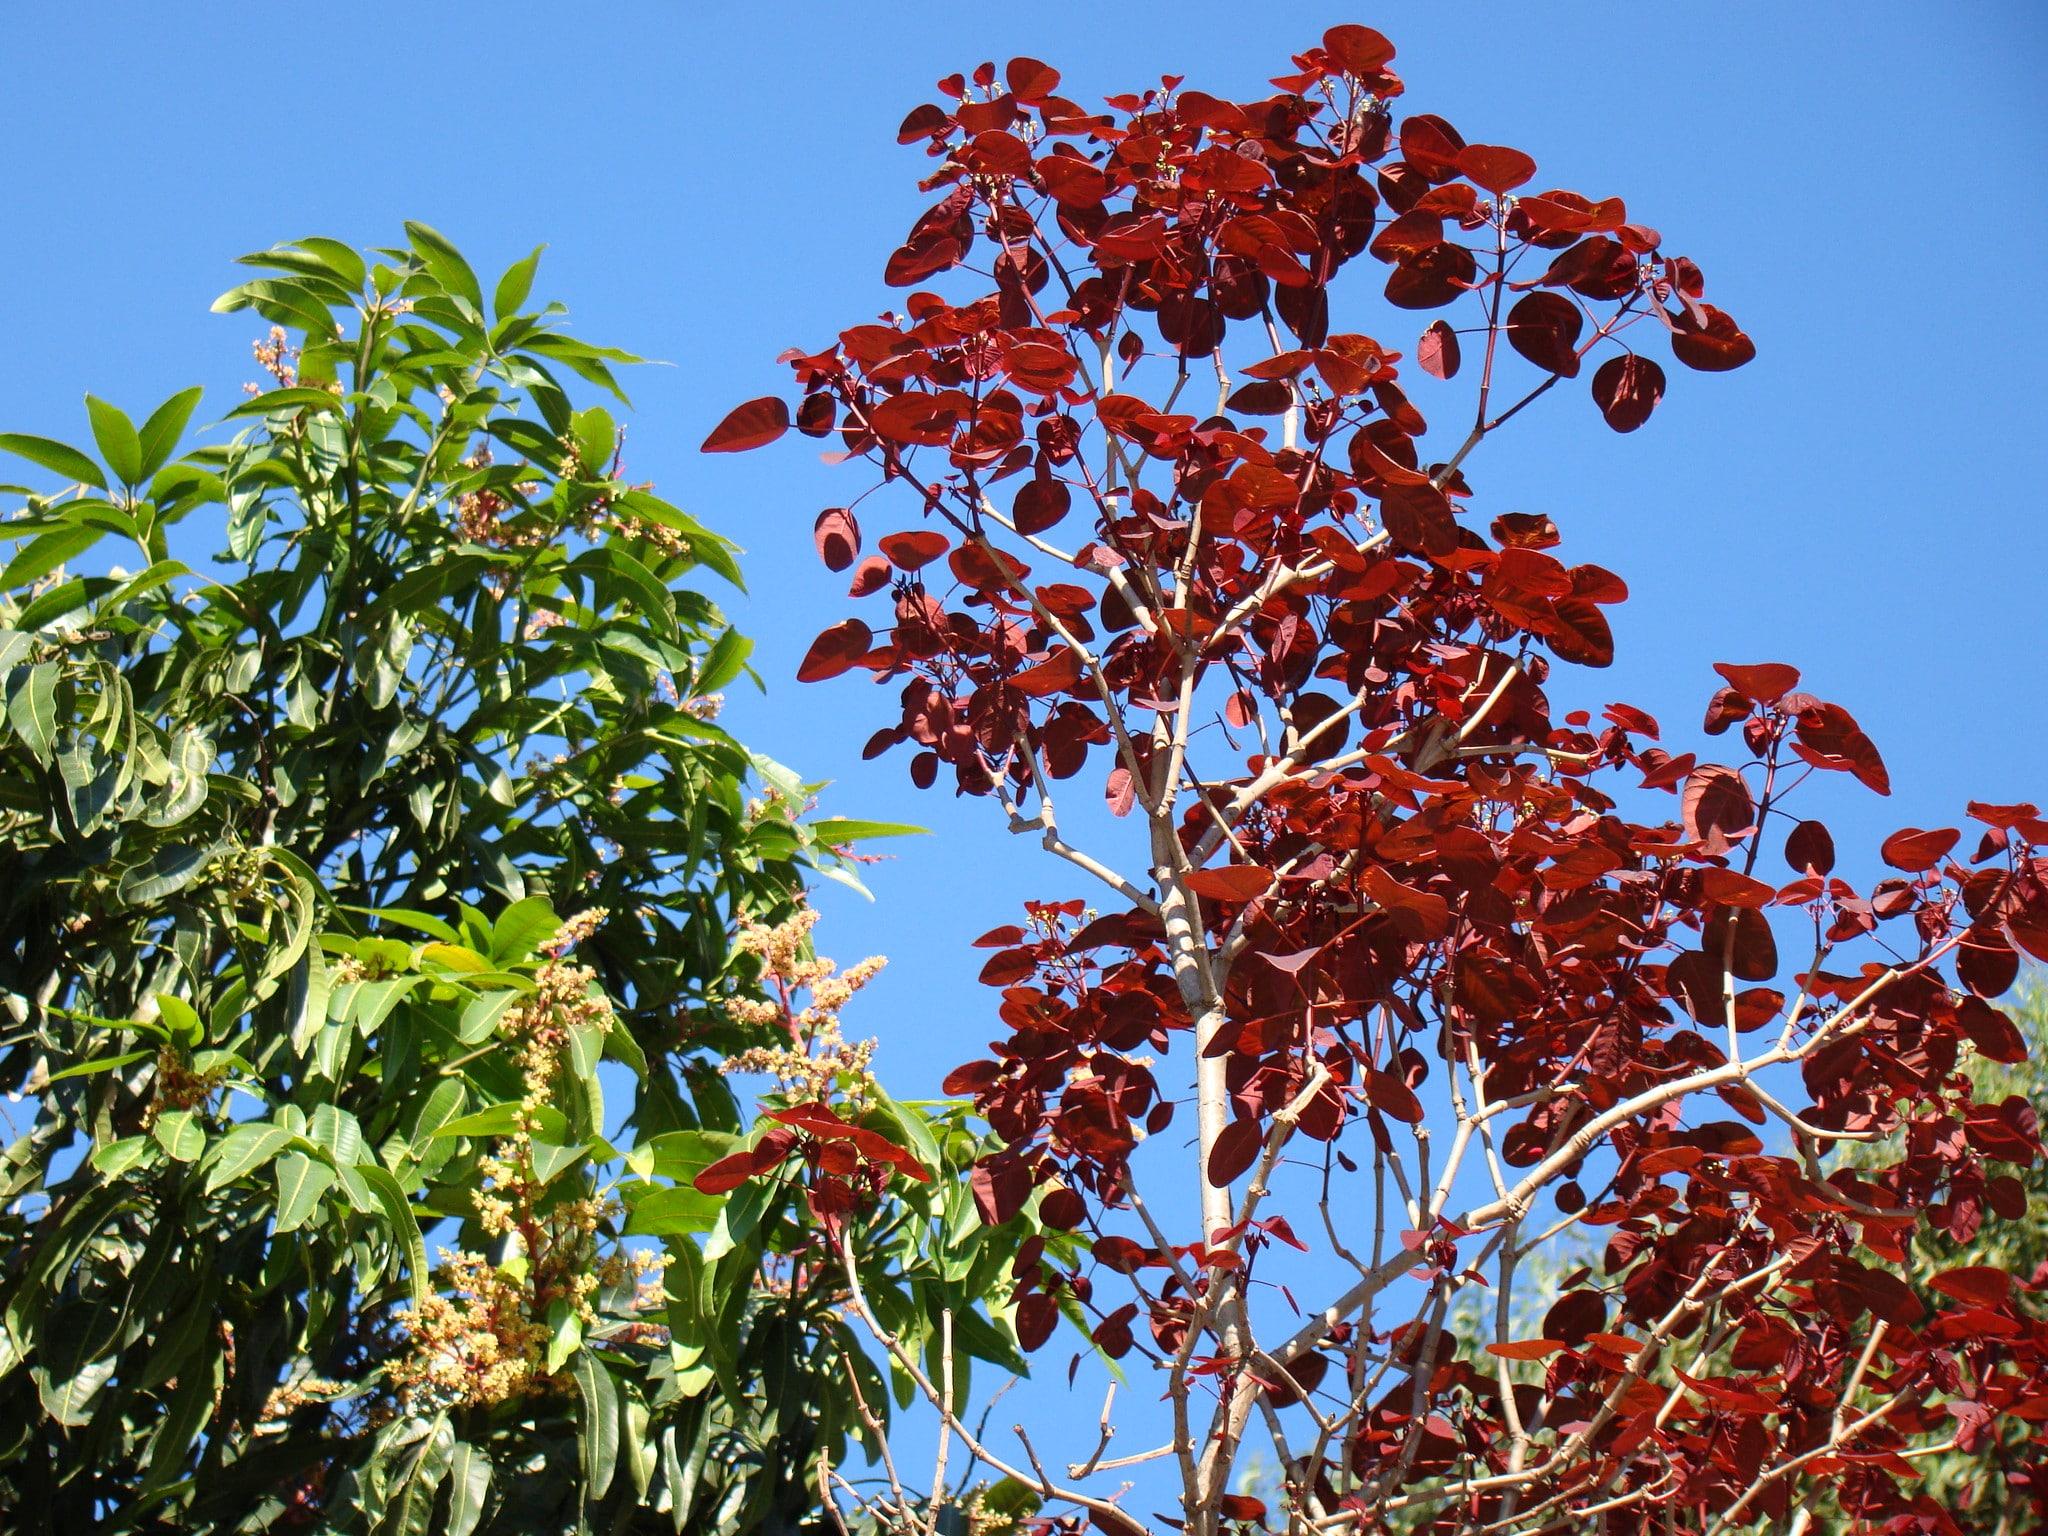 El lechero rojo es un árbol precioso